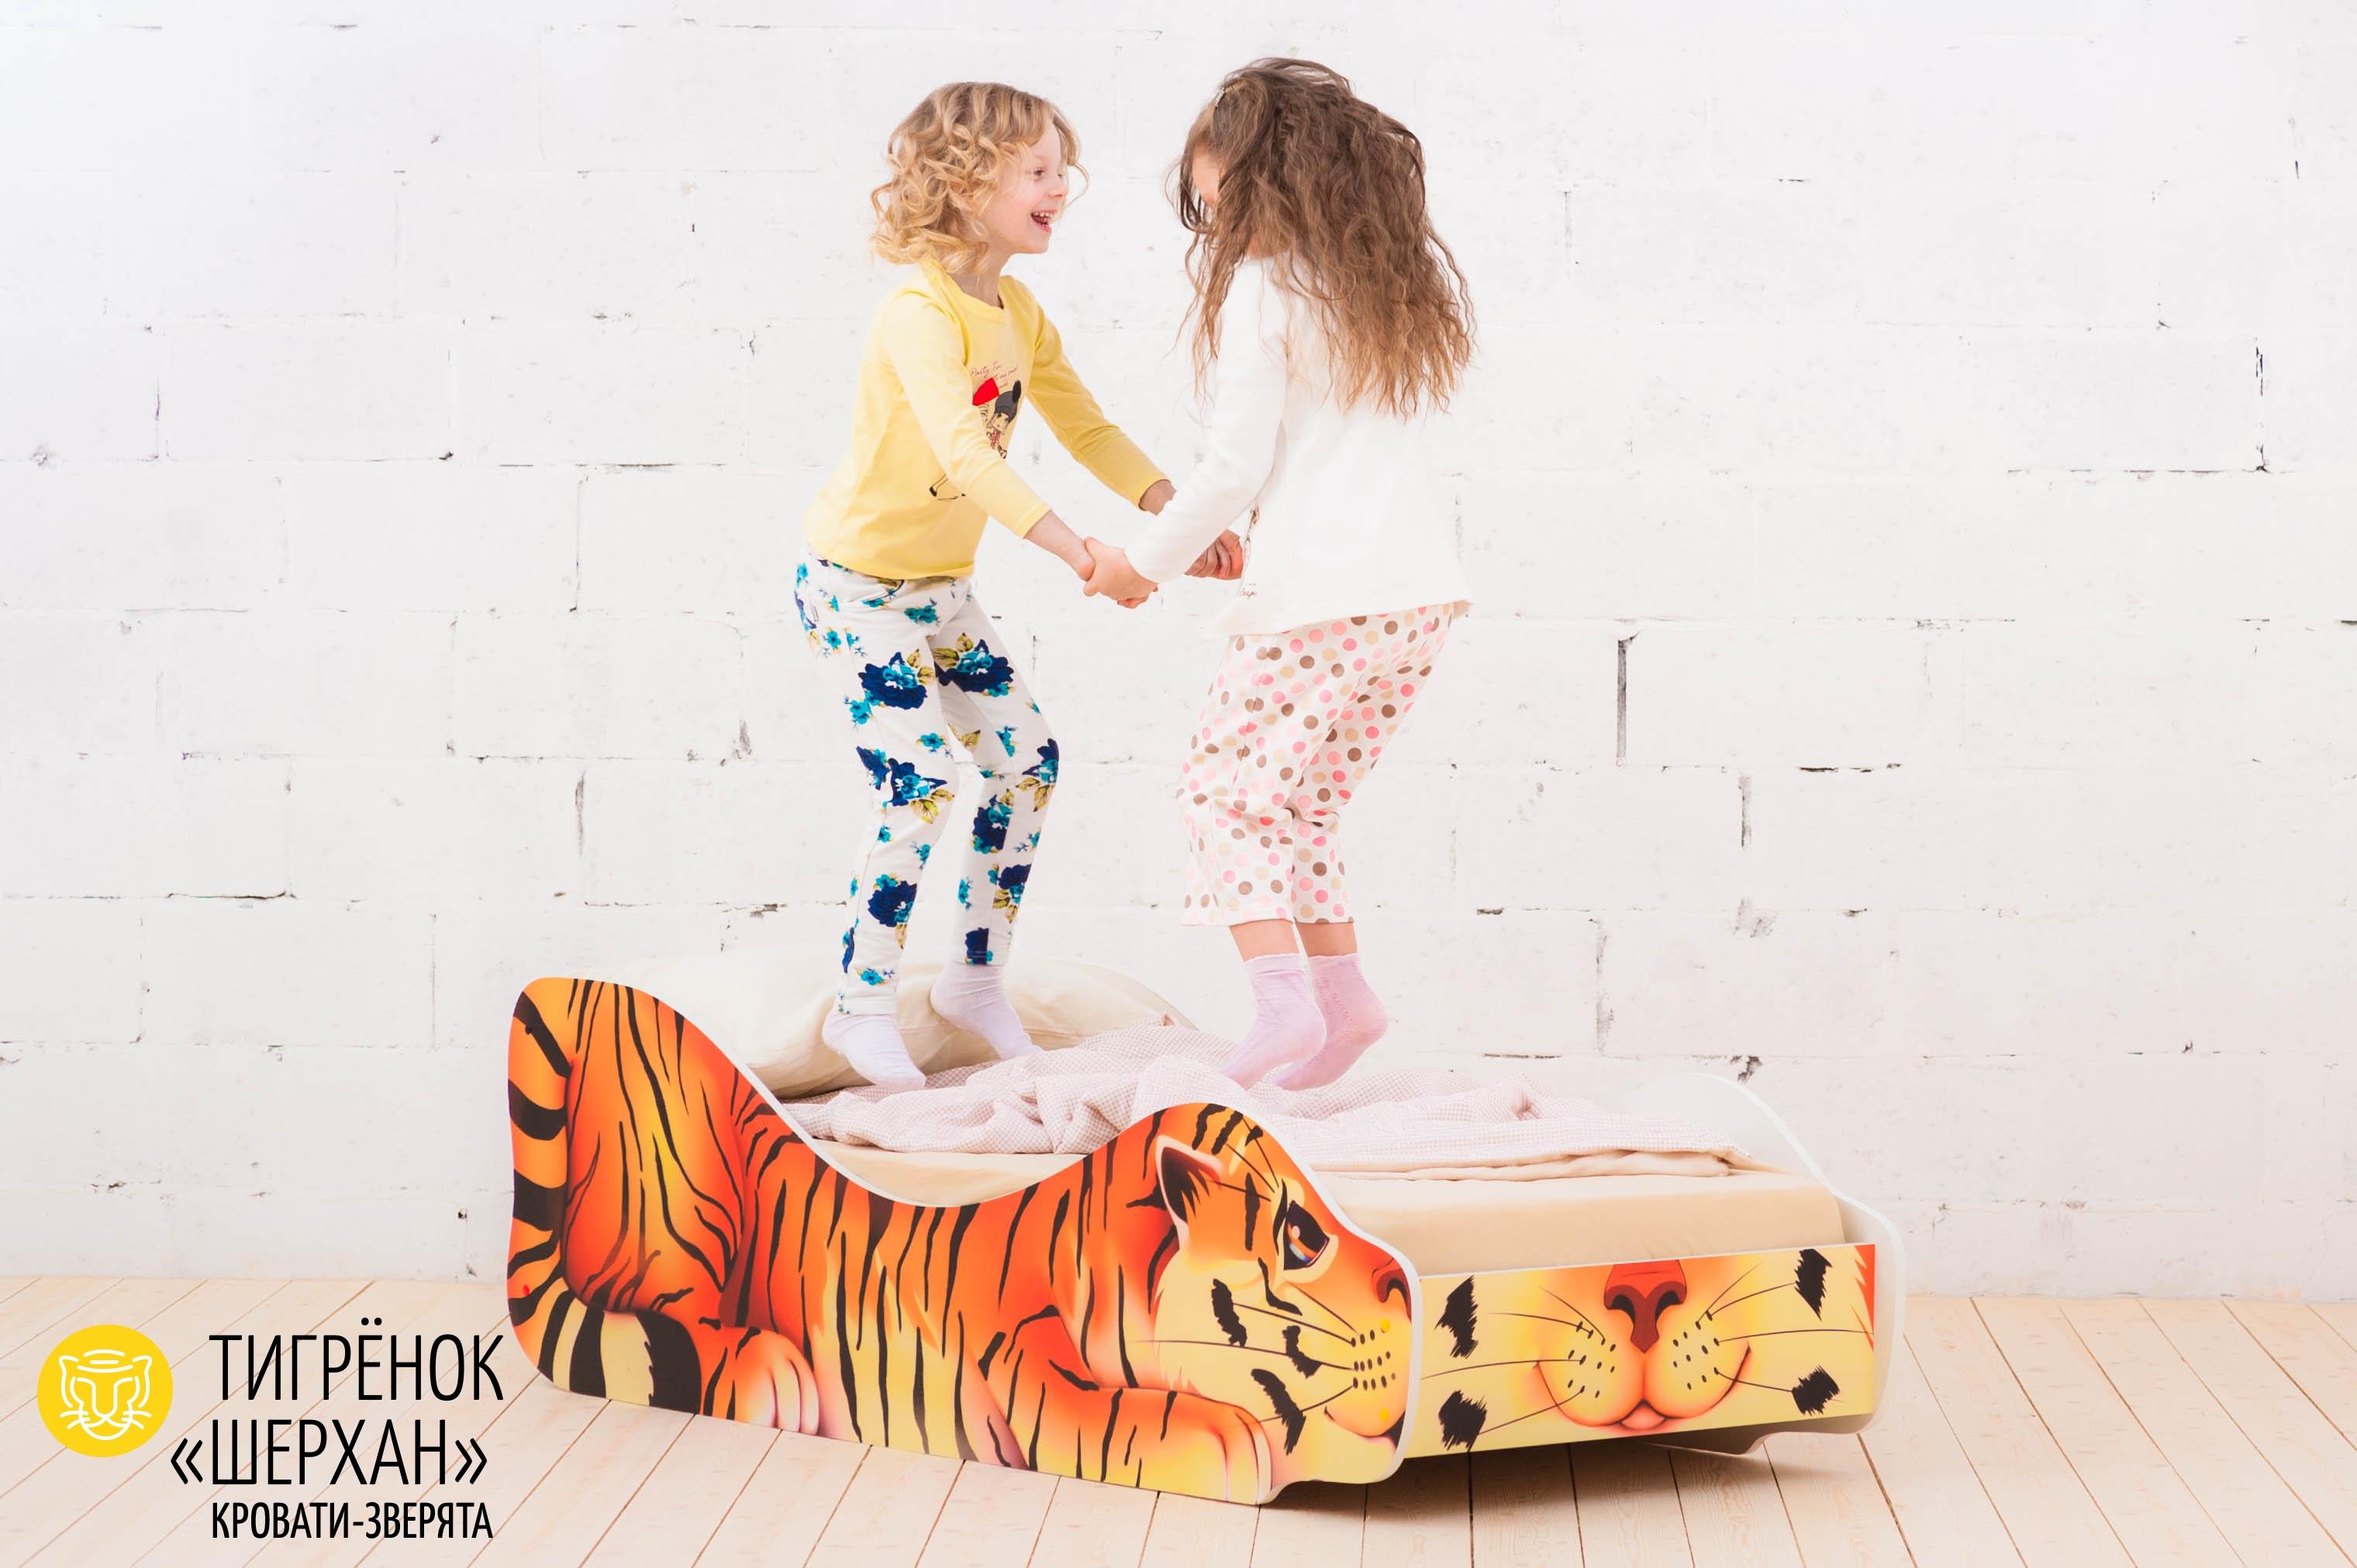 Детская кровать-зверенок -Тигренок-Шерхан-11